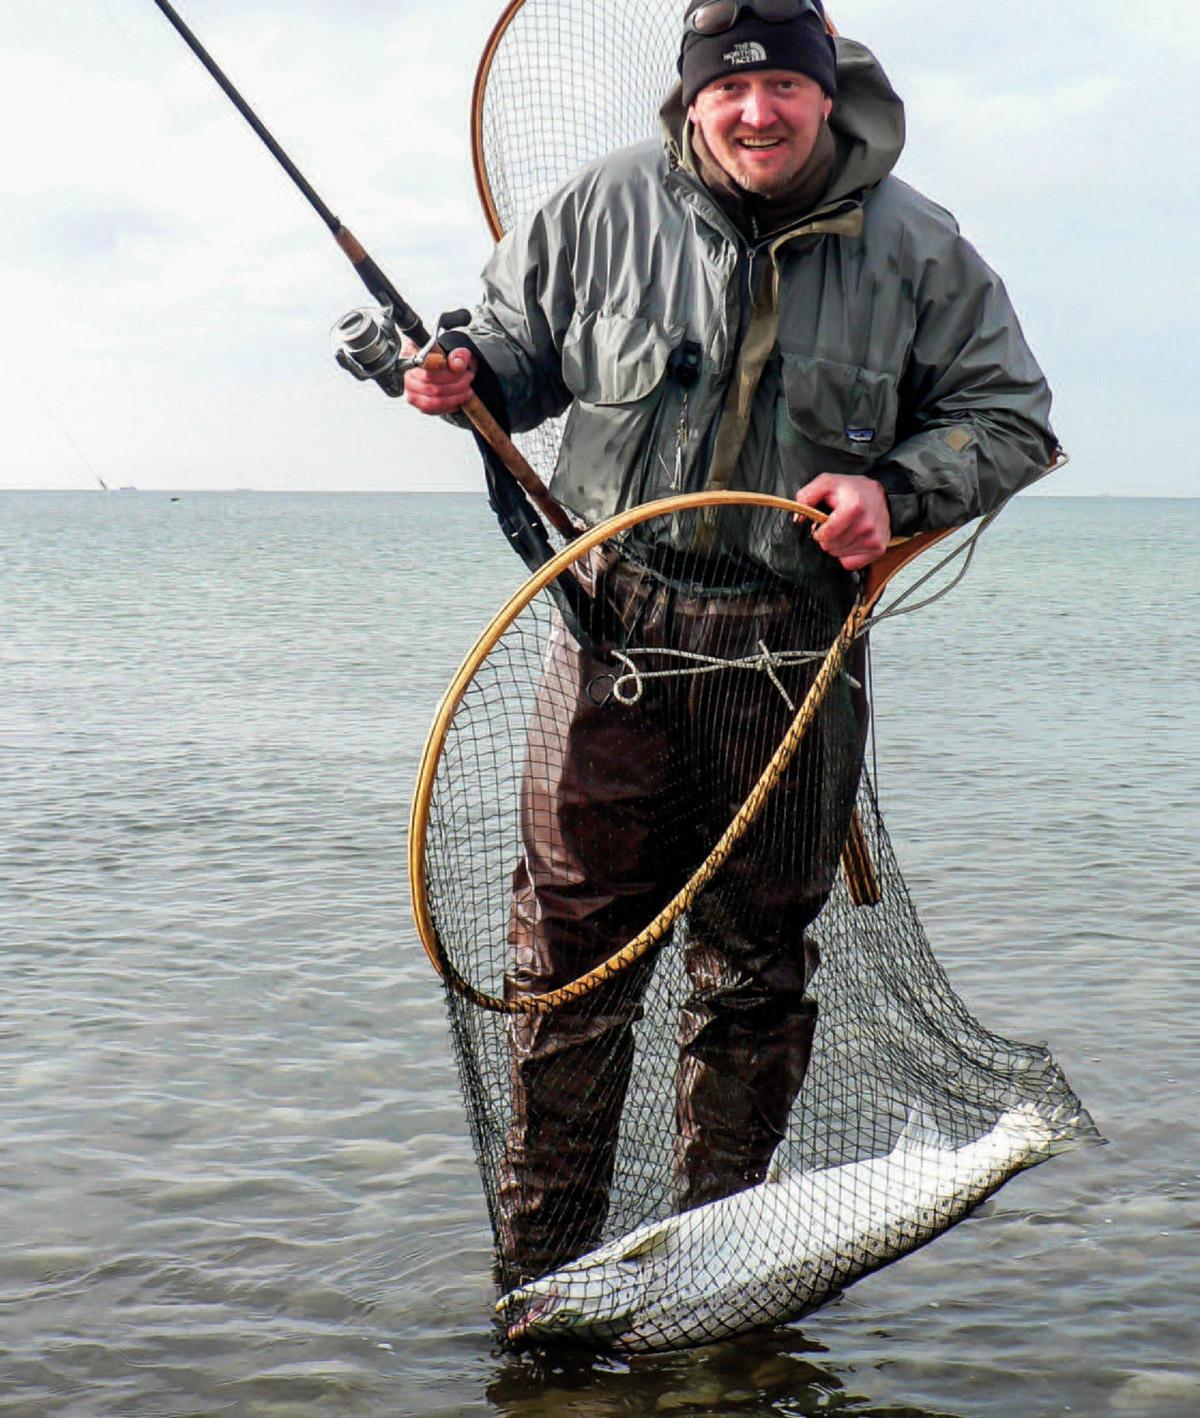 Det er altid godt med et stort net. Her ses Erik med en smuk 78 centimeters overspringer.